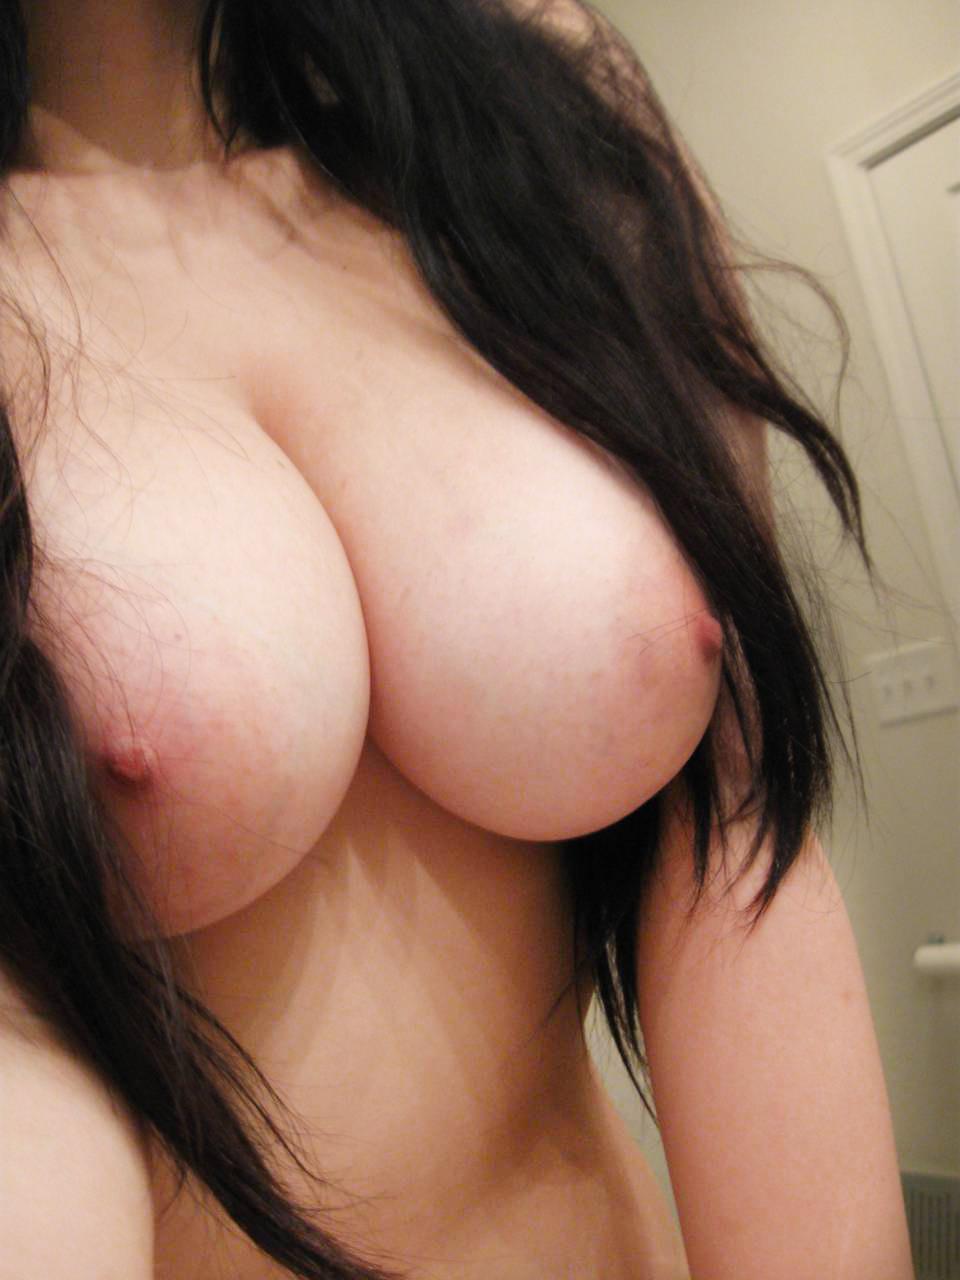 でっかい乳房を惜しげもなく写メしちゃう子 (13)